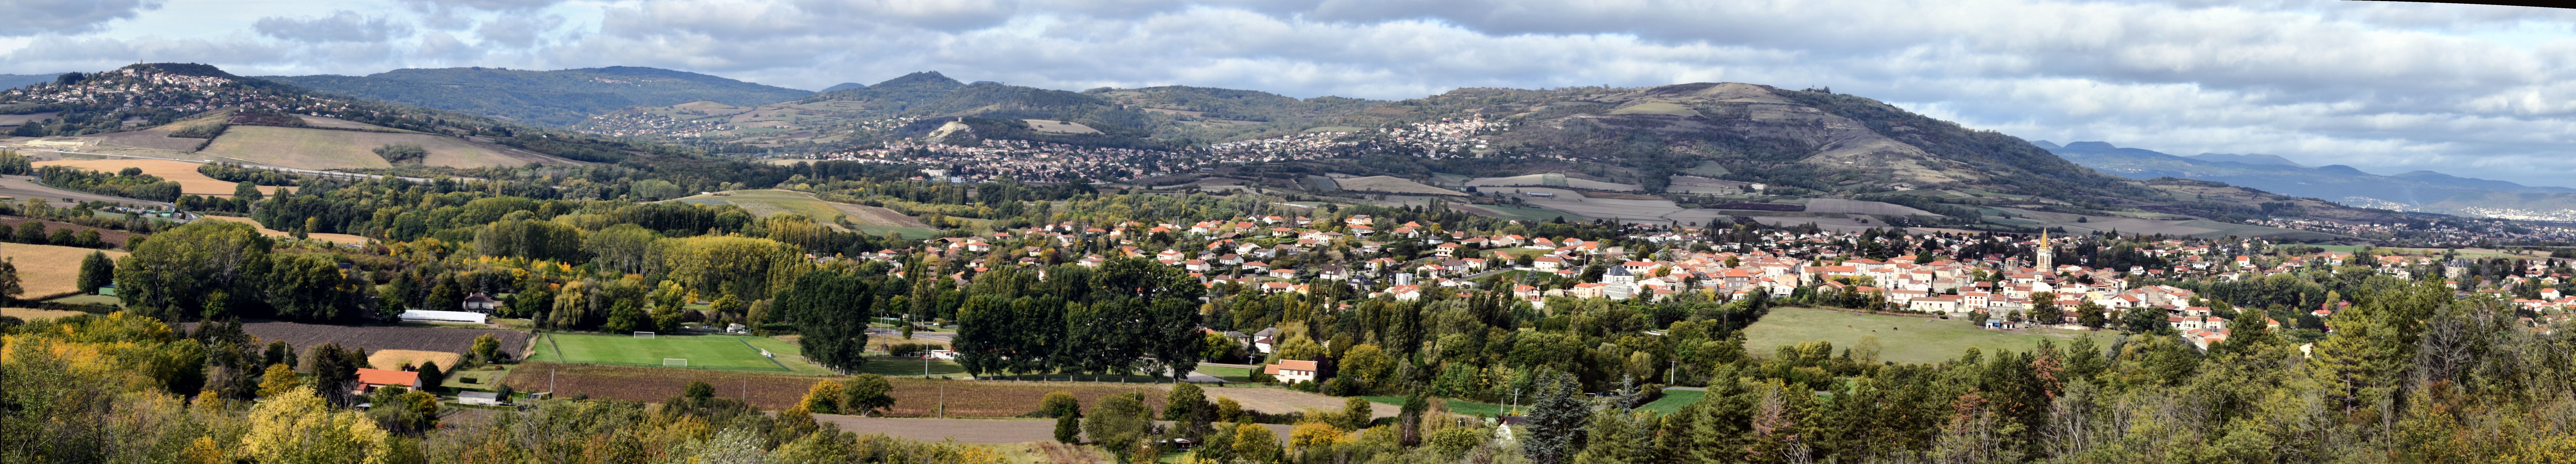 p 8 Panorama.jpg